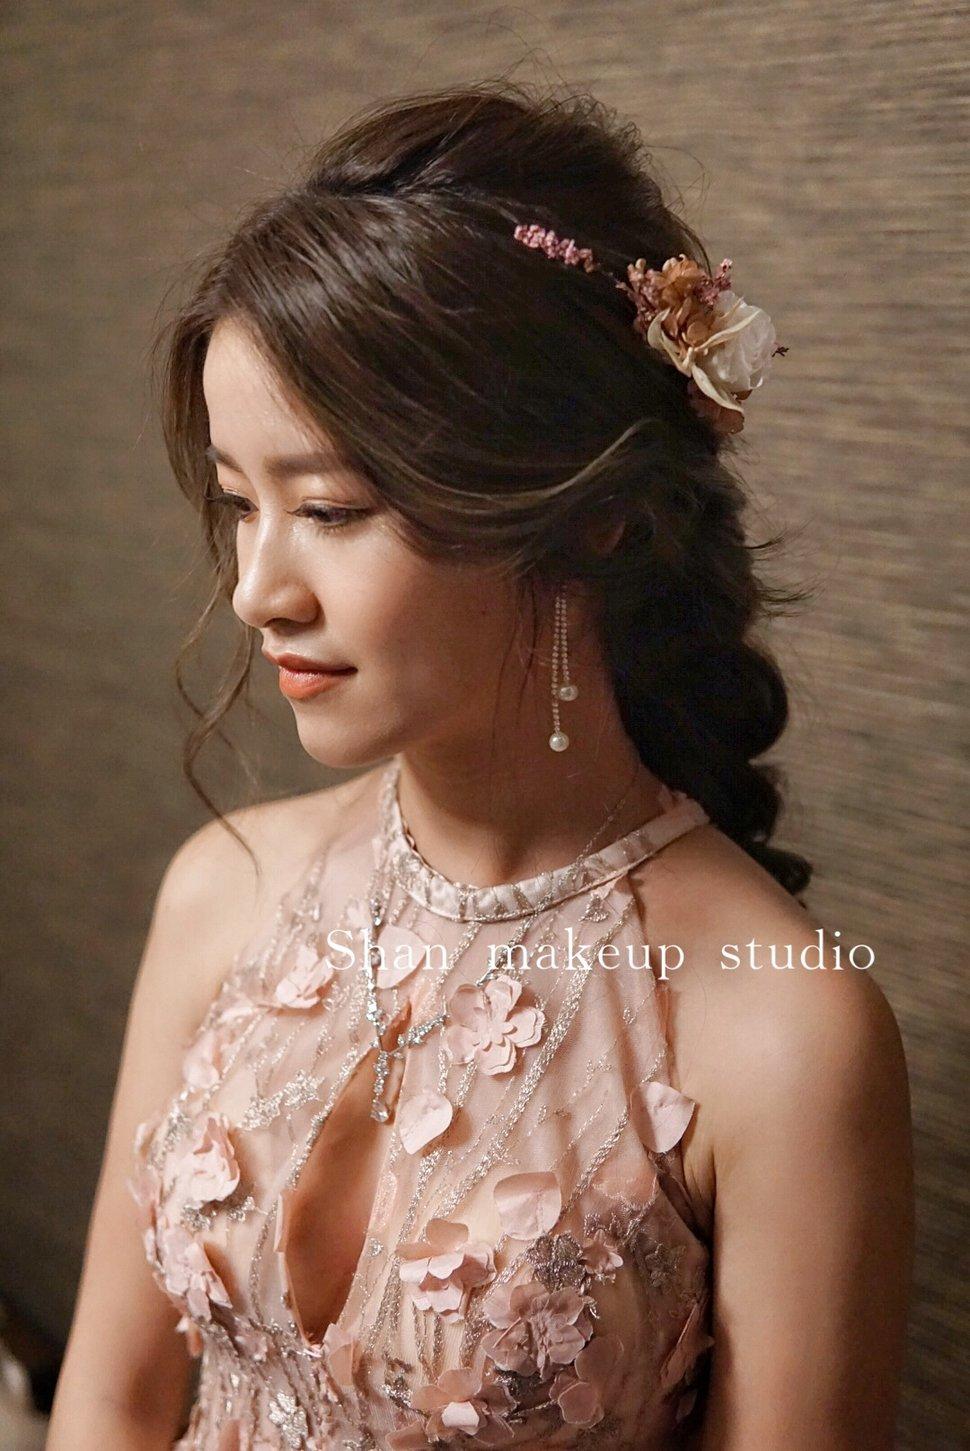 IMG_0890 - 湘翎Shan Makeup studio《結婚吧》